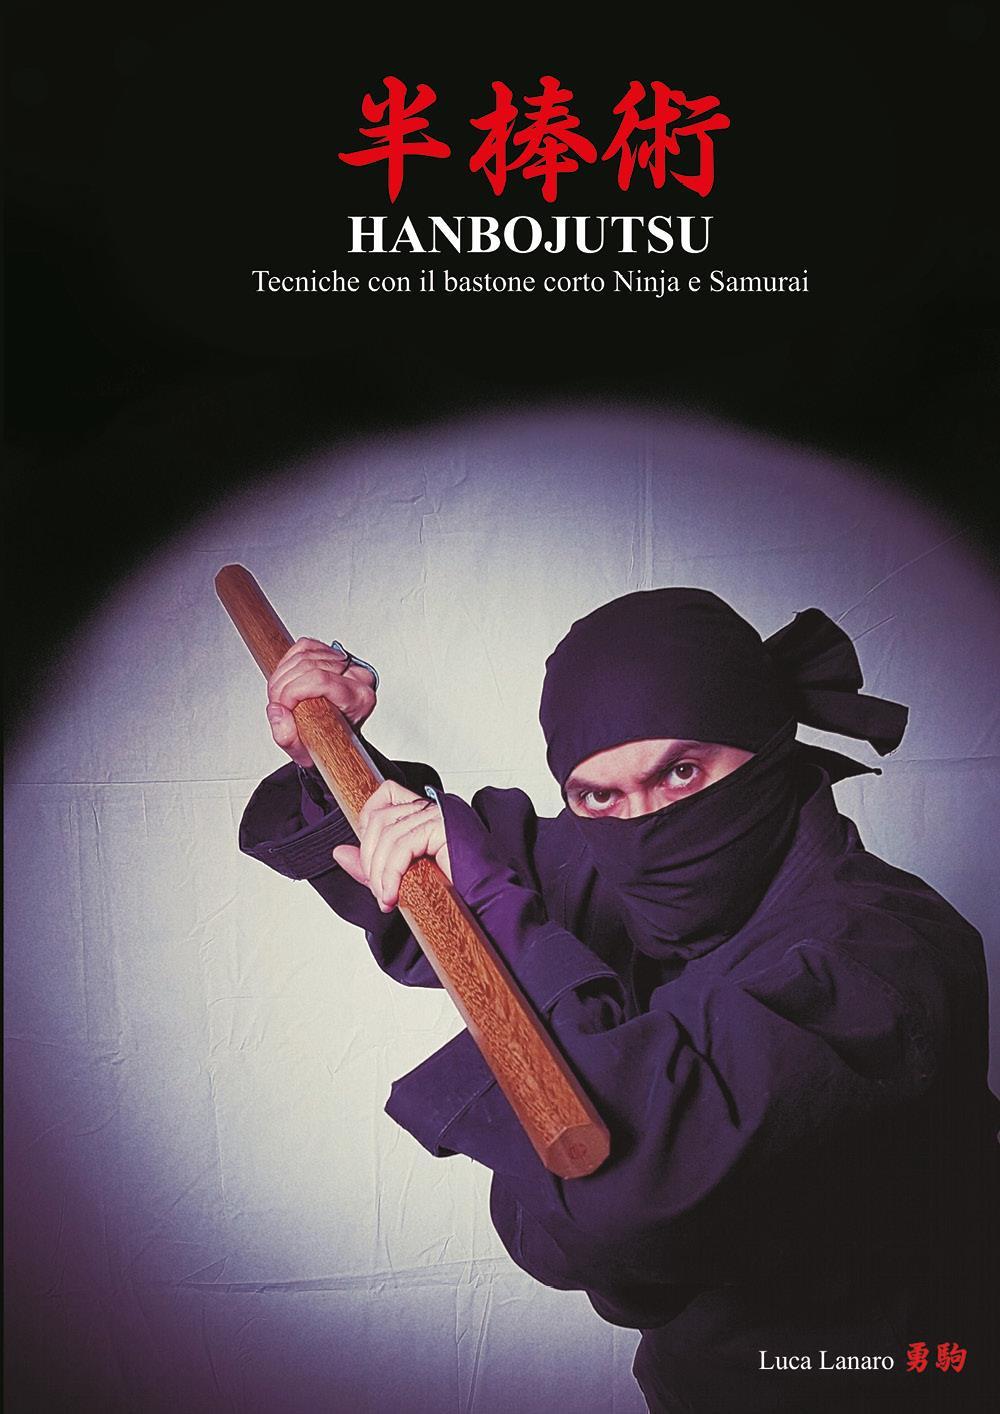 HANBOJUTSU Tecniche del bastone corto Ninja e Samurai